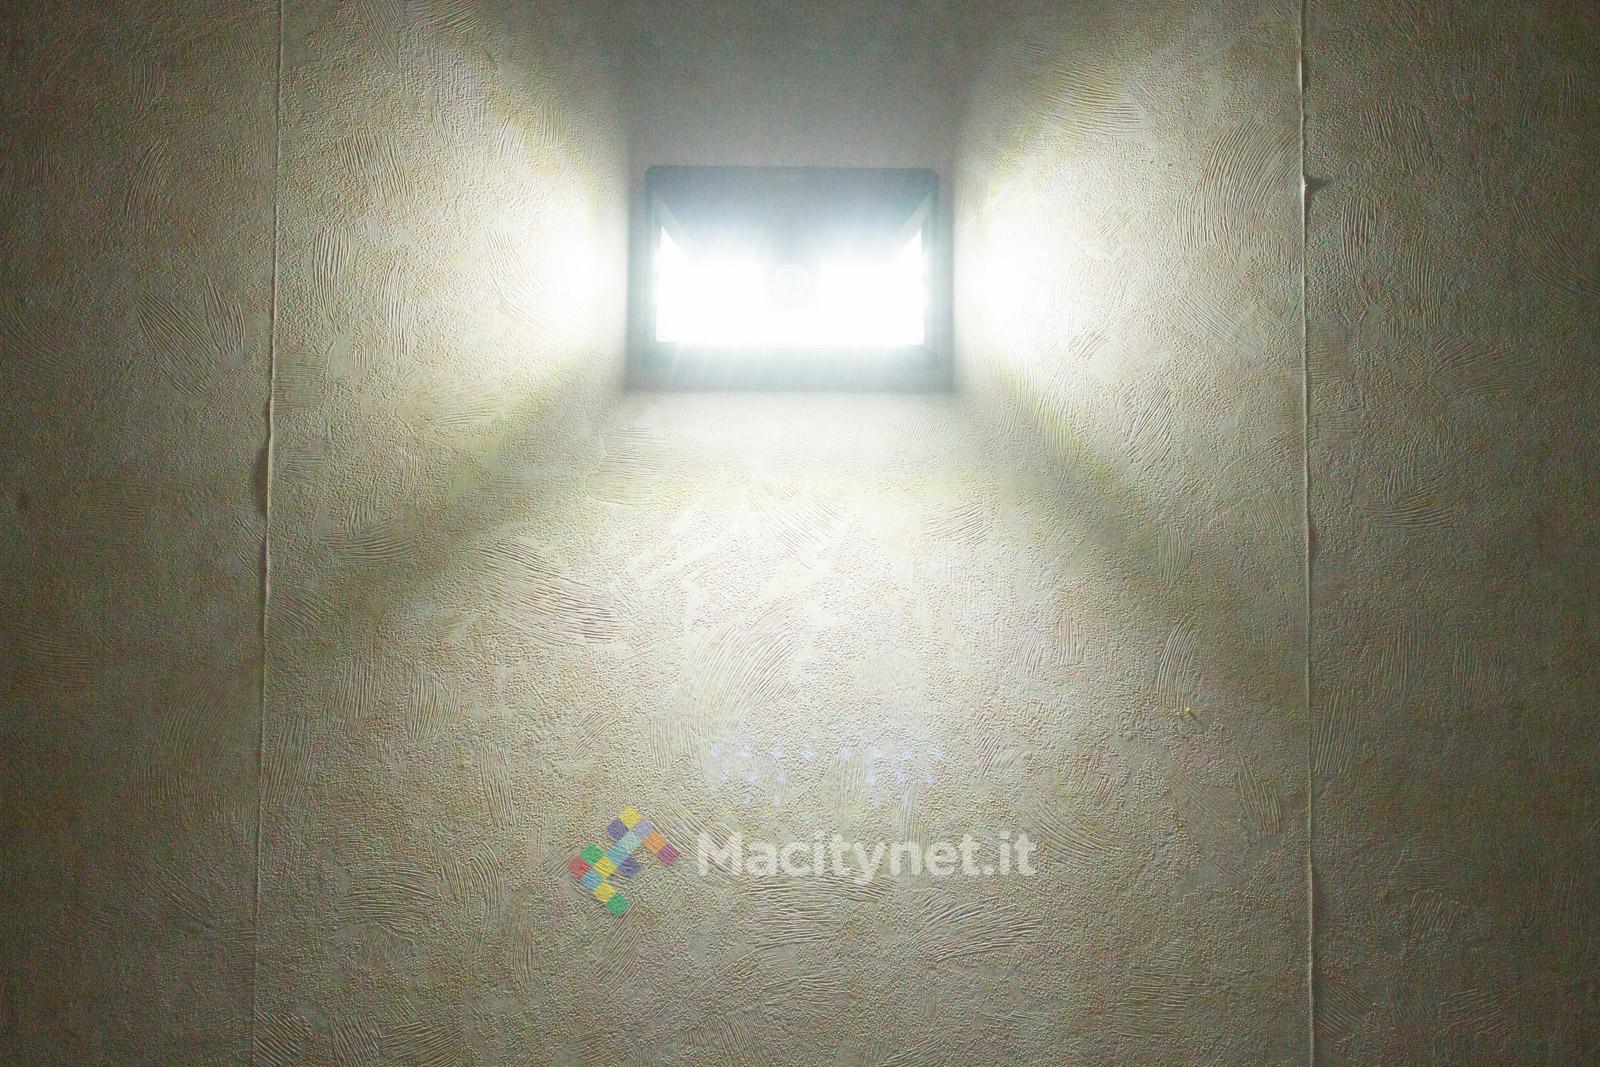 Macitynet mette alla prova Mpow GECD011AB, una lampada LED per esterni: piace per l'assenza di pulsanti e fili grazie all'accensione automatica tramite sensore di movimento ed alla ricarica della batteria con il pannello solare incorporato